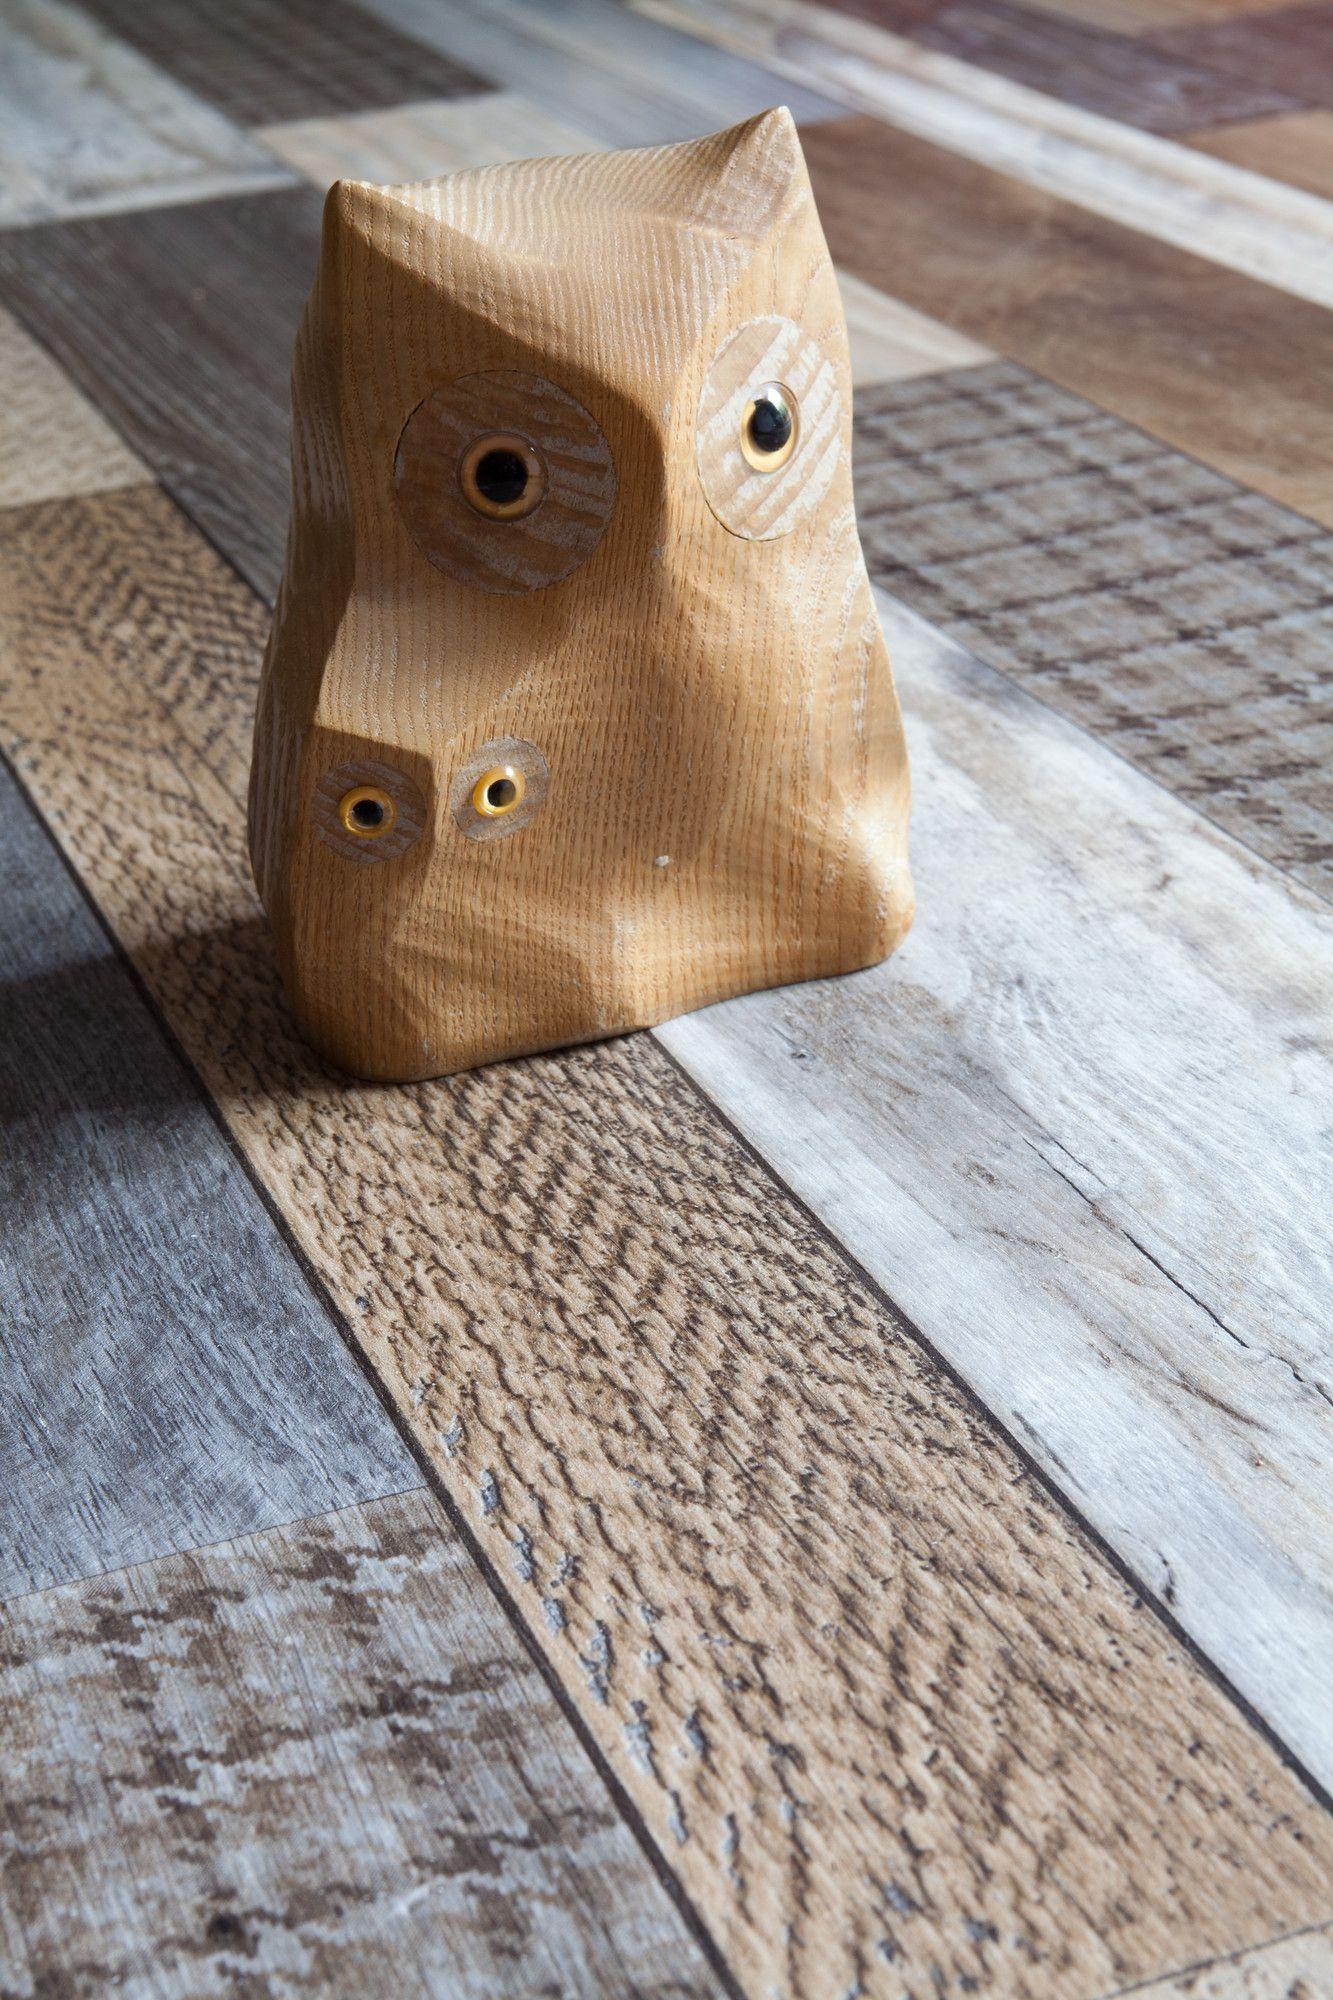 westwood brown texline by gerflor flooring homedesign golv pinterest golv. Black Bedroom Furniture Sets. Home Design Ideas